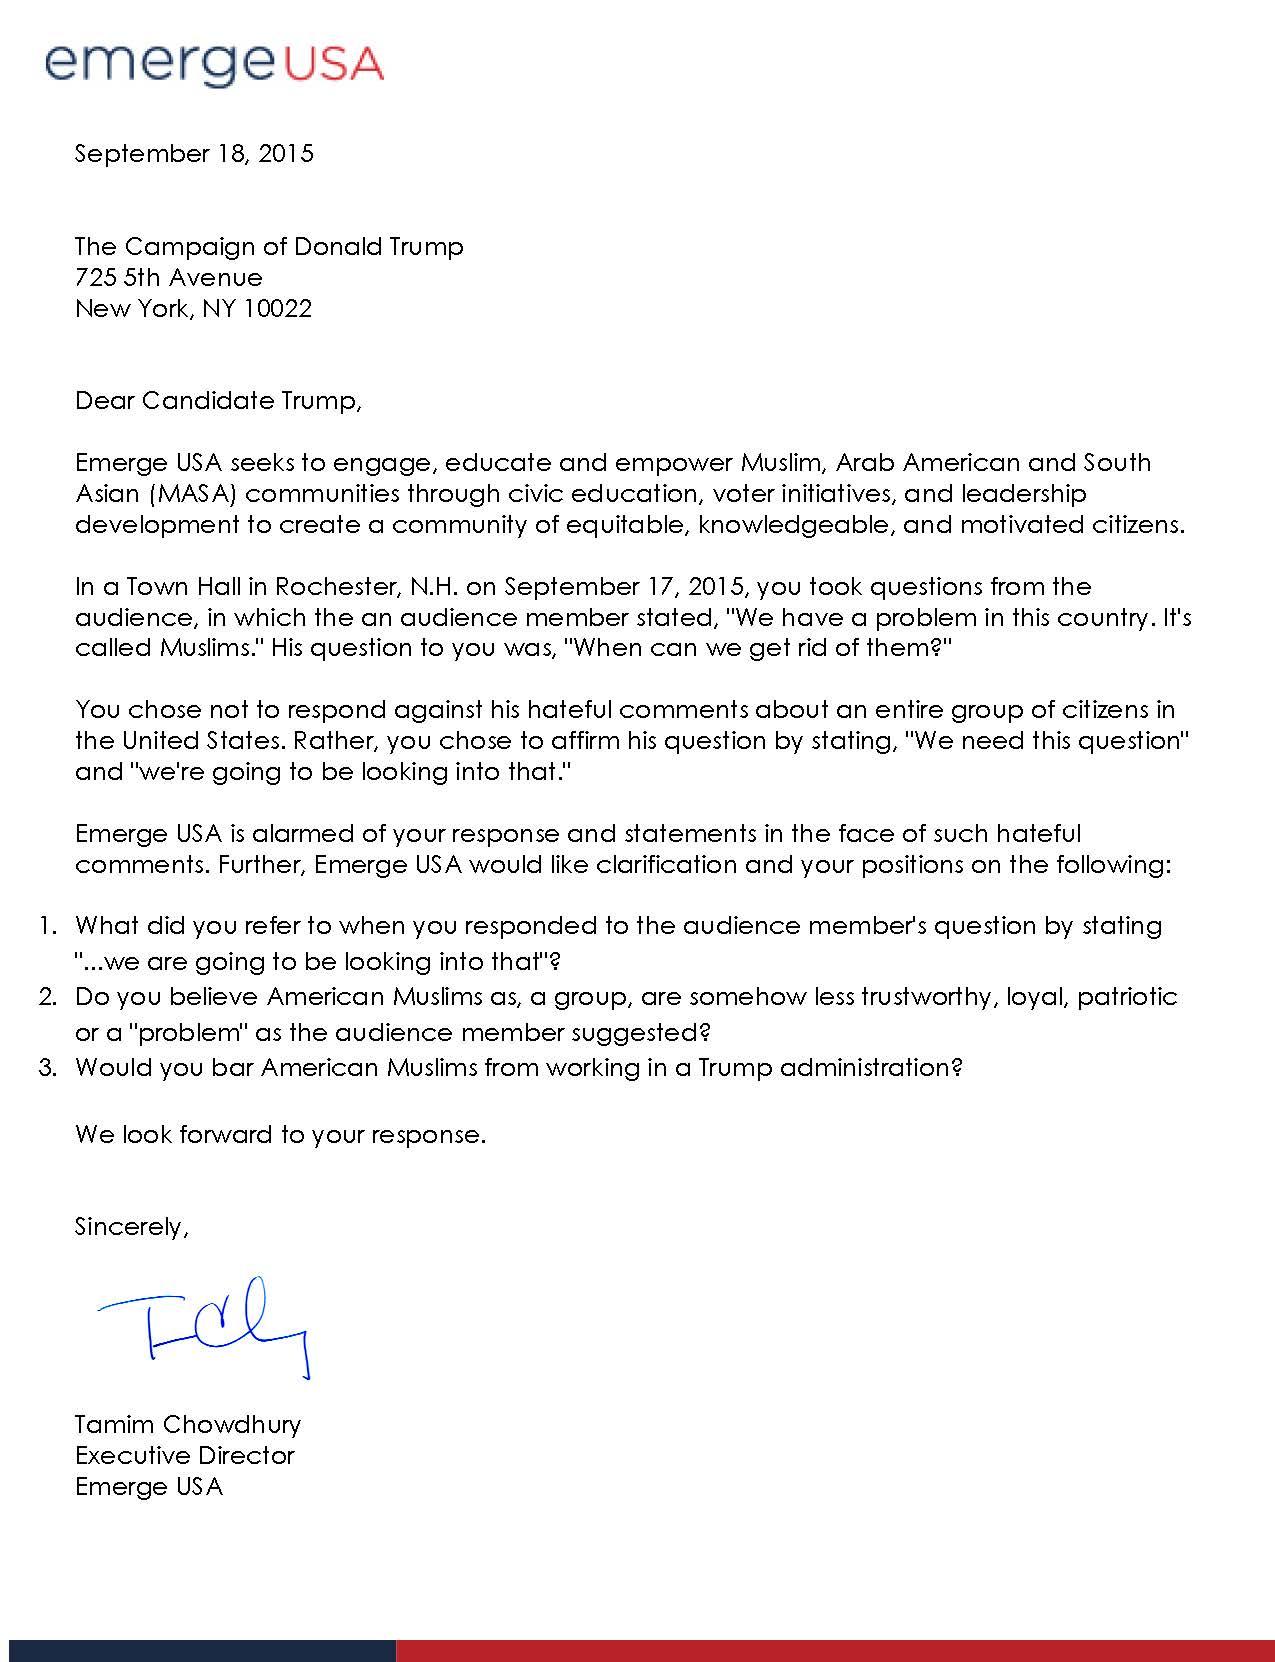 Trump_Letter_09.18.2015.jpg